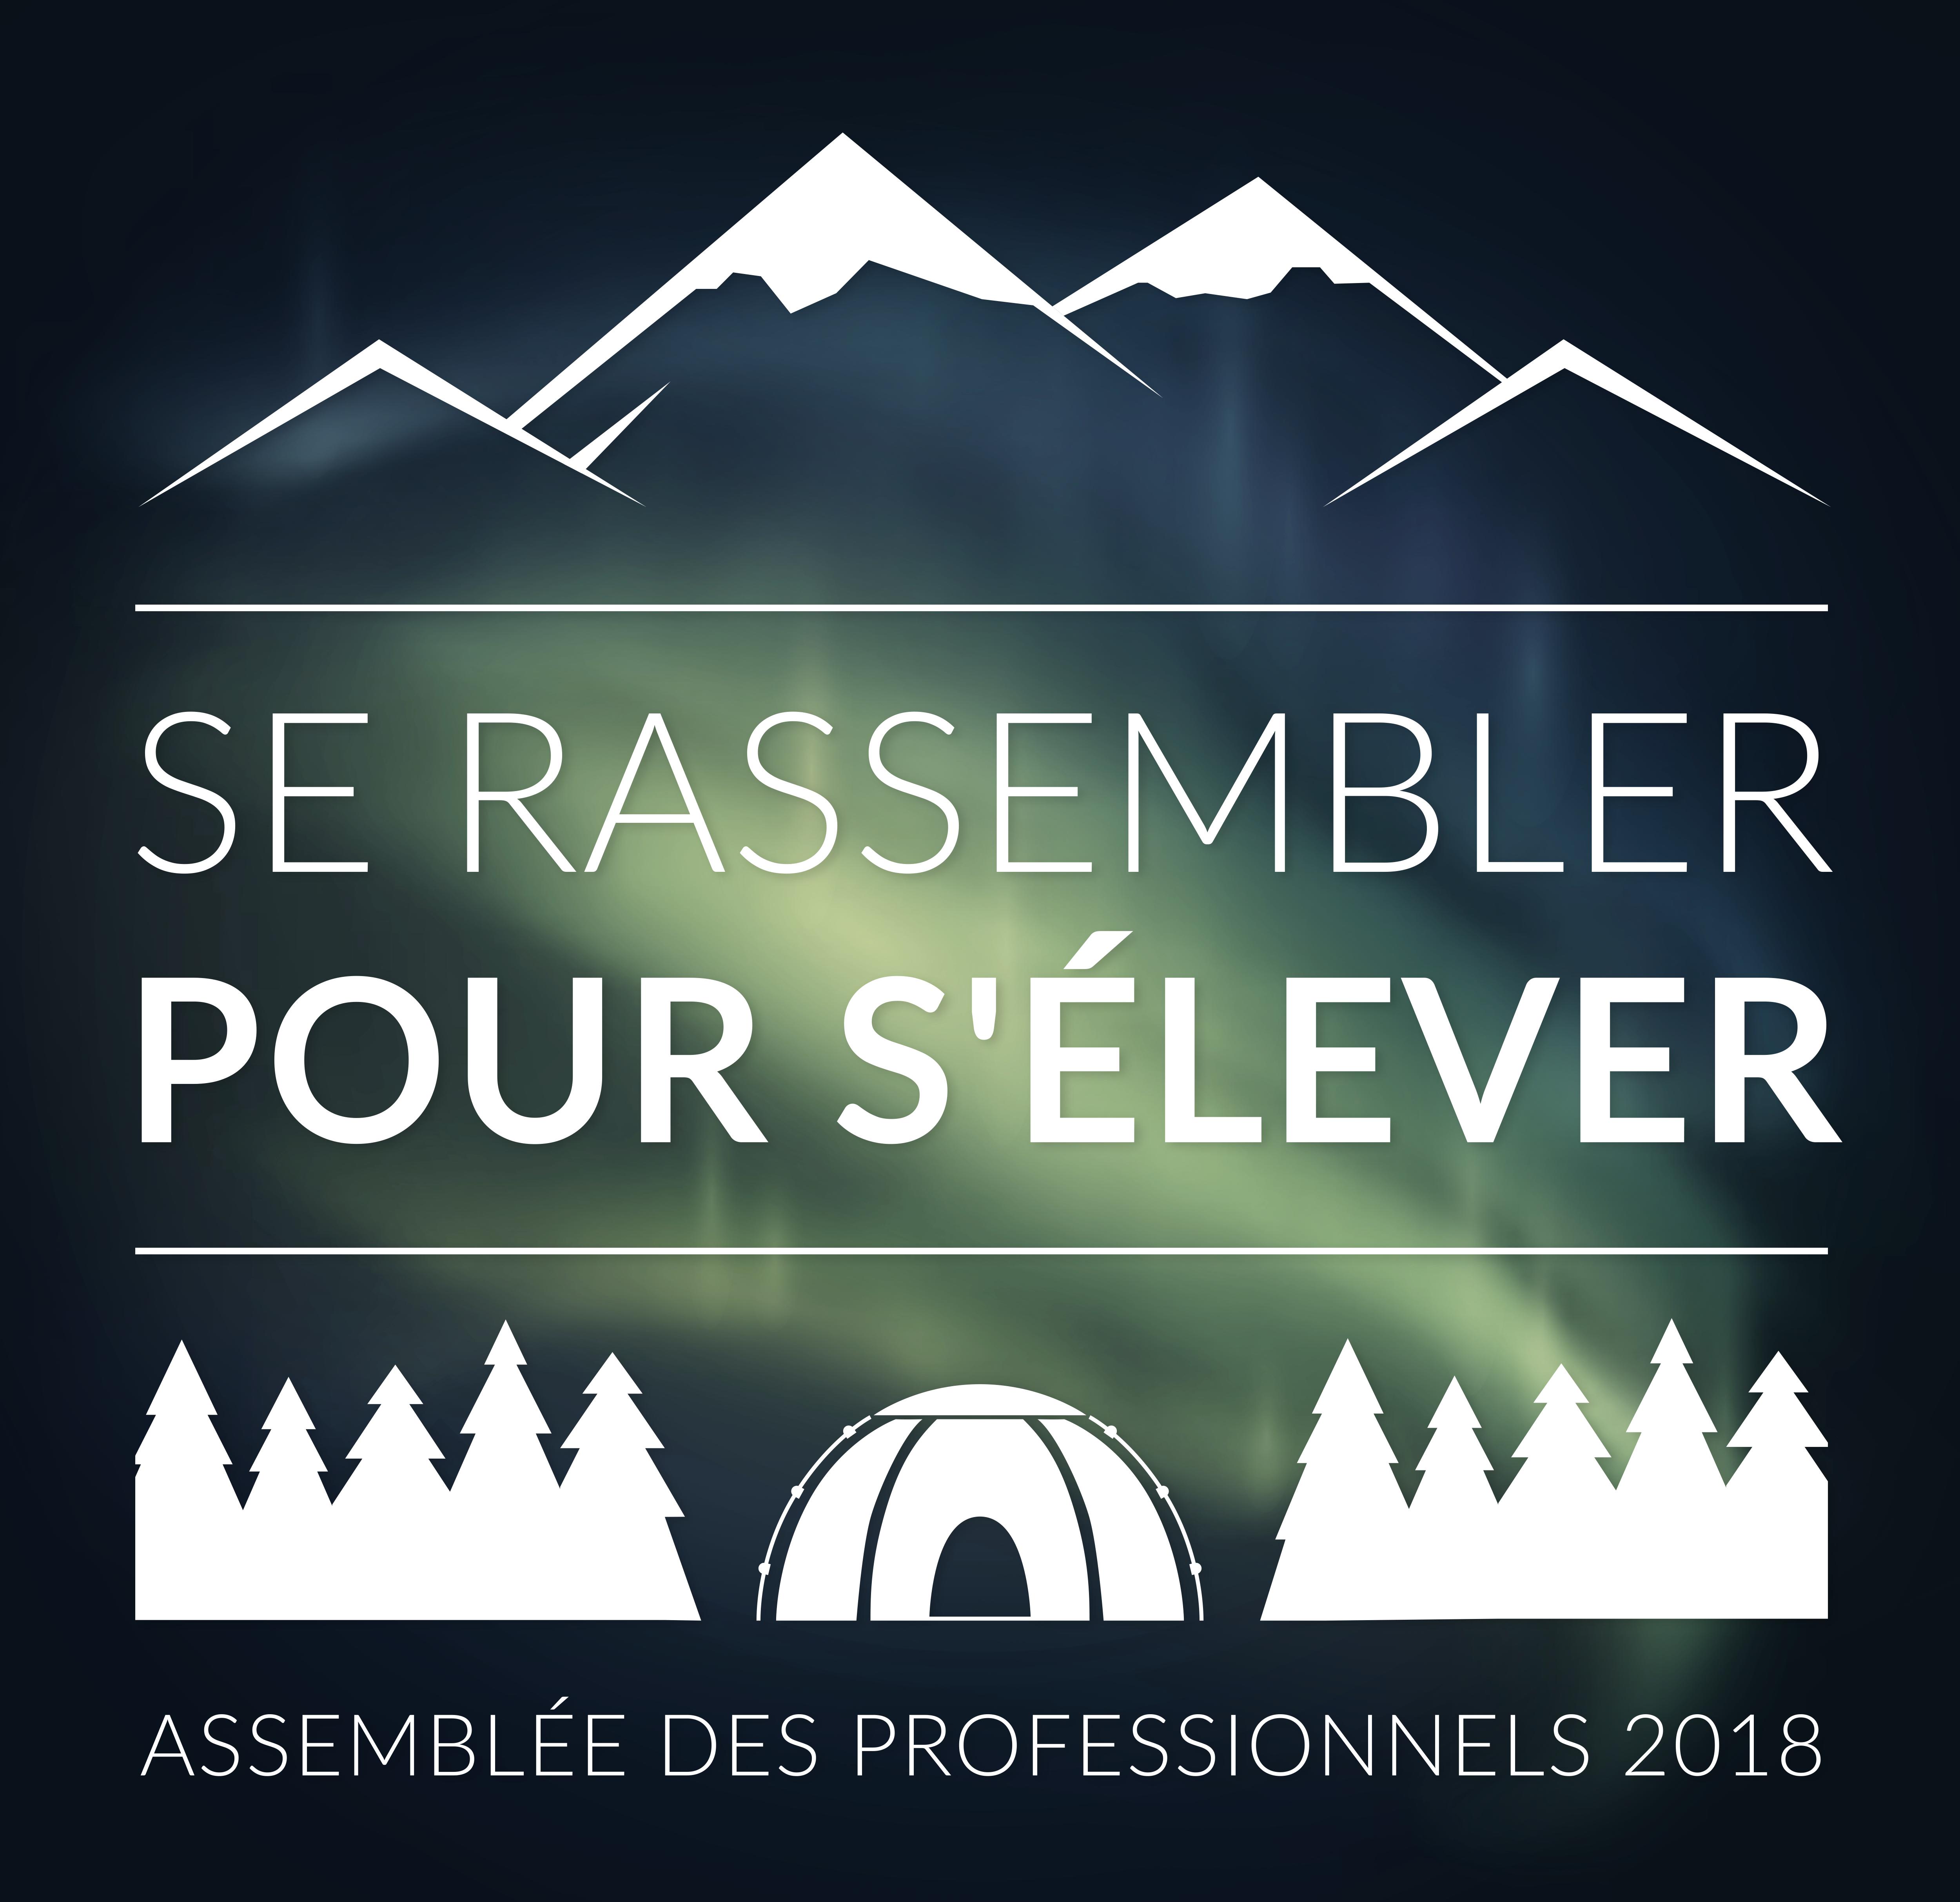 433-OD Logo - Assemblée des professionnels 2018